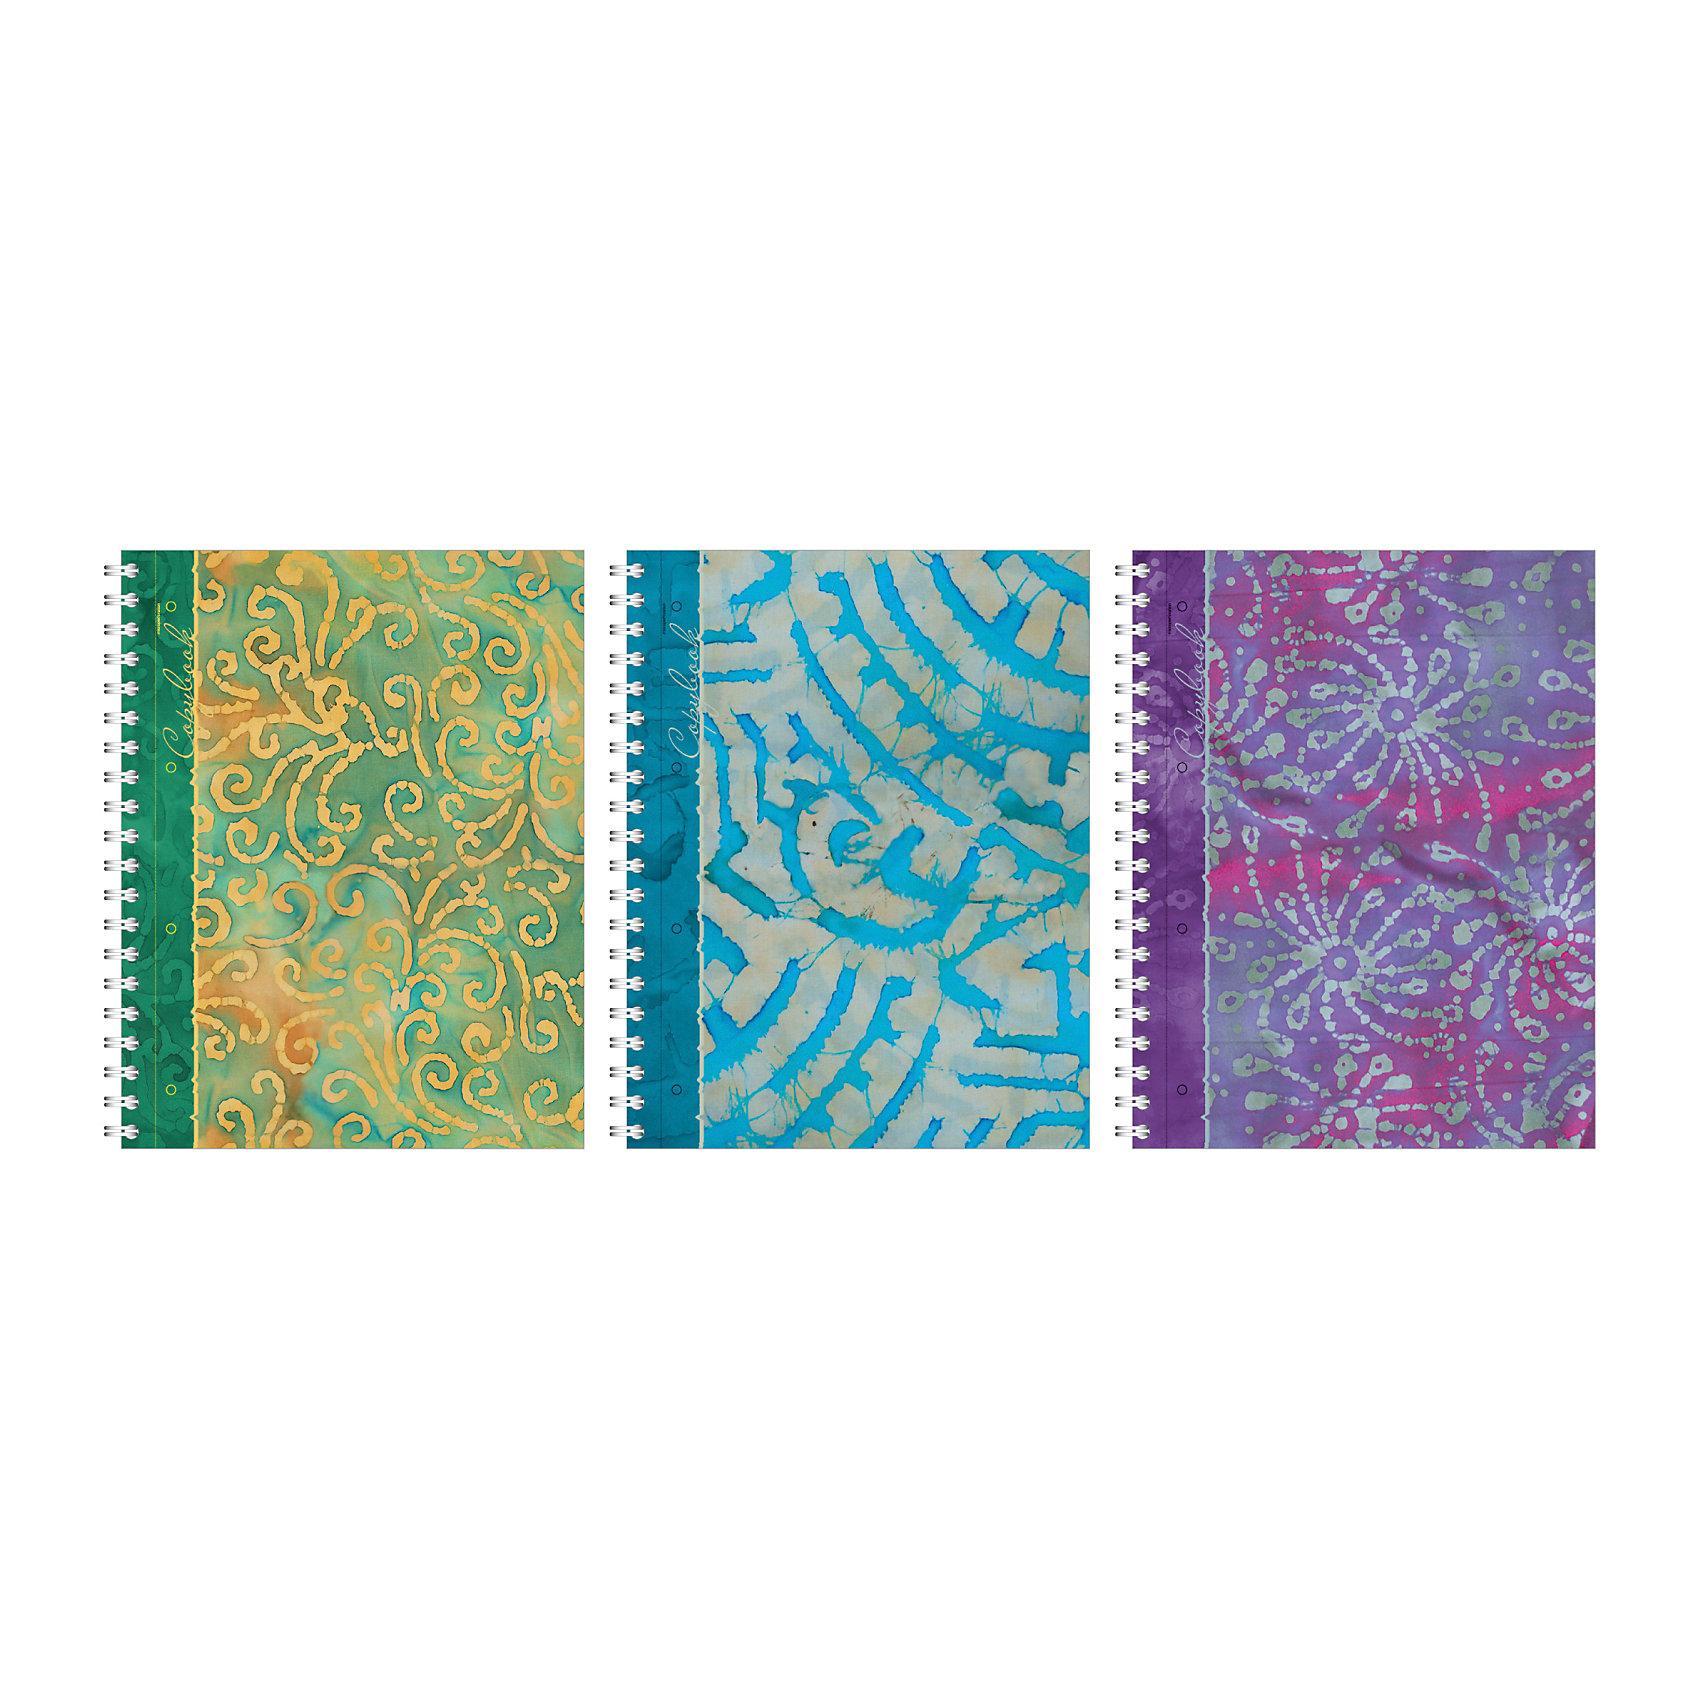 Тетрадь на спирали  А4, 120 листов Батик, упаковка из 2 шт.Бумажная продукция<br>Тетрадь на спирали  А4, 120 листов Батик, 2 шт.<br><br>Характеристики:<br><br>• Количество: 2 шт.<br>• Формат: А4<br>• Внутренний блок: 120 листов, клетка, офсет 55 г/м2<br>• Тип крепления: евроспираль<br>• Обложка: картон жесткий ламинированный, матовая ламинация<br><br>Комплект тетрадей в клетку «Батик» выполнен в формате А4. Отличная полиграфия и качественная бумага обеспечат высокое качество письма. Обложка изготовлена из жесткого ламинированного картона, что позволит сохранять тетрадь в аккуратном виде в течение всего периода использования. Практичное и надежное крепление – евроспираль - позволит полностью открывать тетрадь и легко отрывать листы.<br><br>Тетрадь на спирали  А4, 120 листов Батик, 2 шт. можно купить в нашем интернет-магазине.<br><br>Ширина мм: 240<br>Глубина мм: 180<br>Высота мм: 300<br>Вес г: 2380<br>Возраст от месяцев: 60<br>Возраст до месяцев: 204<br>Пол: Унисекс<br>Возраст: Детский<br>SKU: 5540124